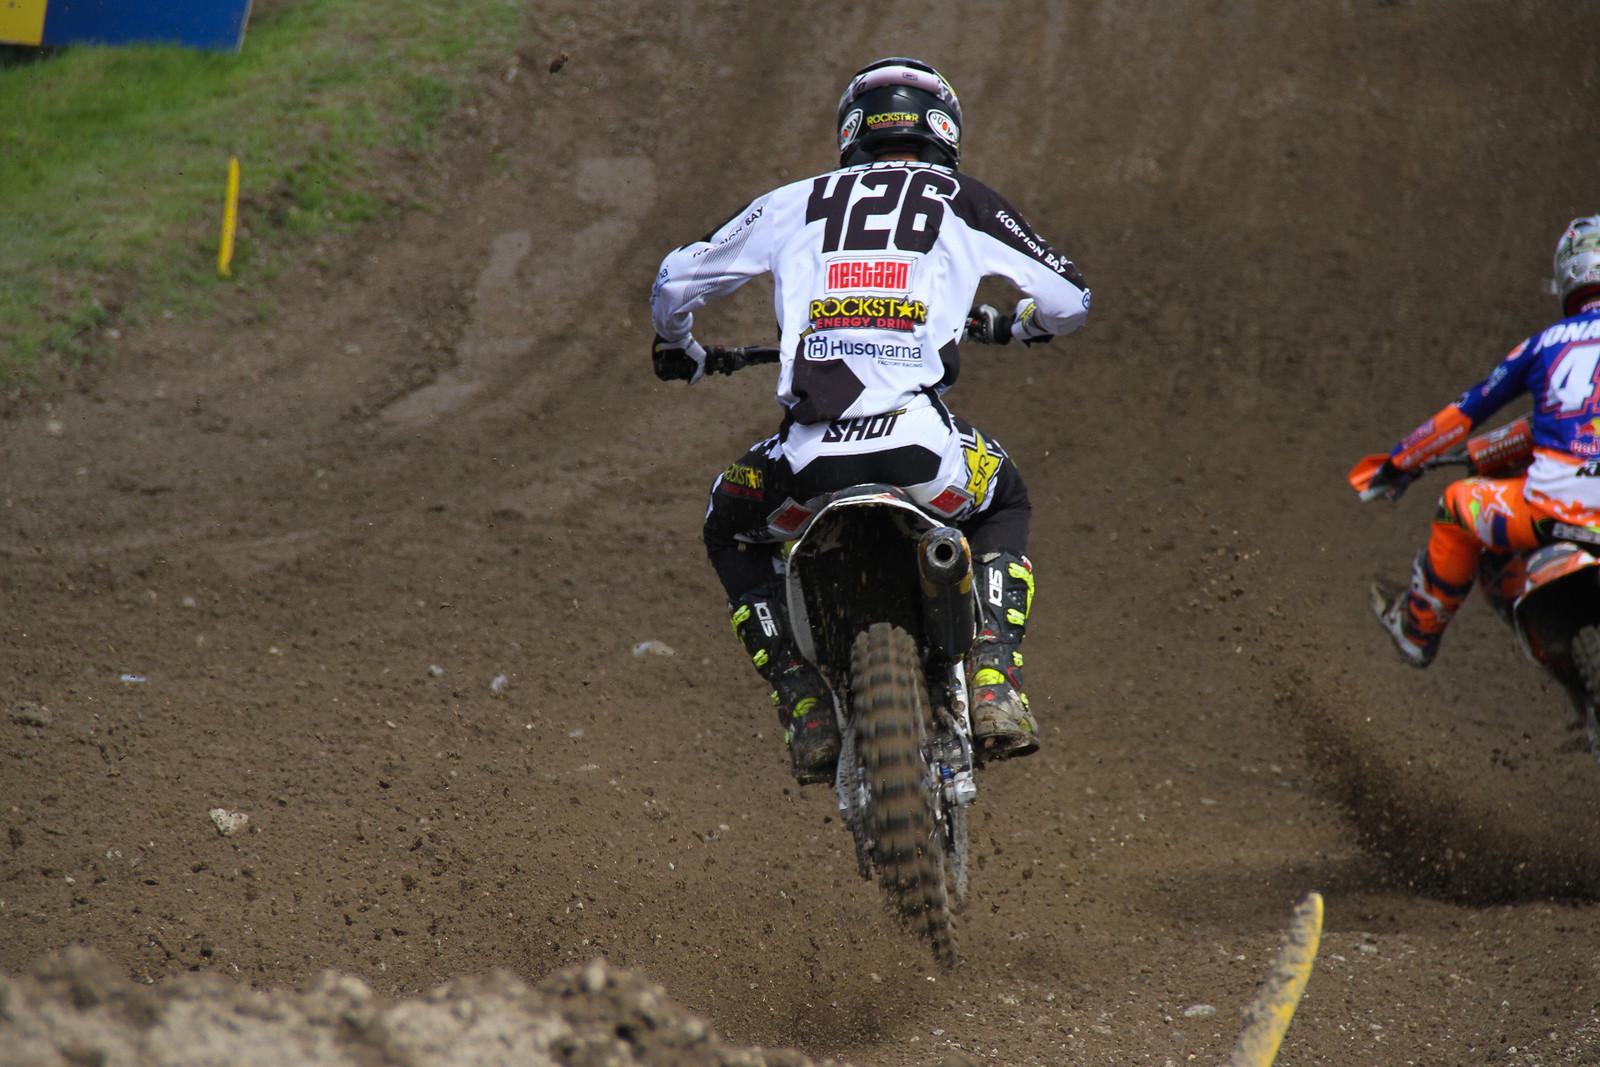 Conrad Mewse - ayearinmx - Motocross Pictures - Vital MX